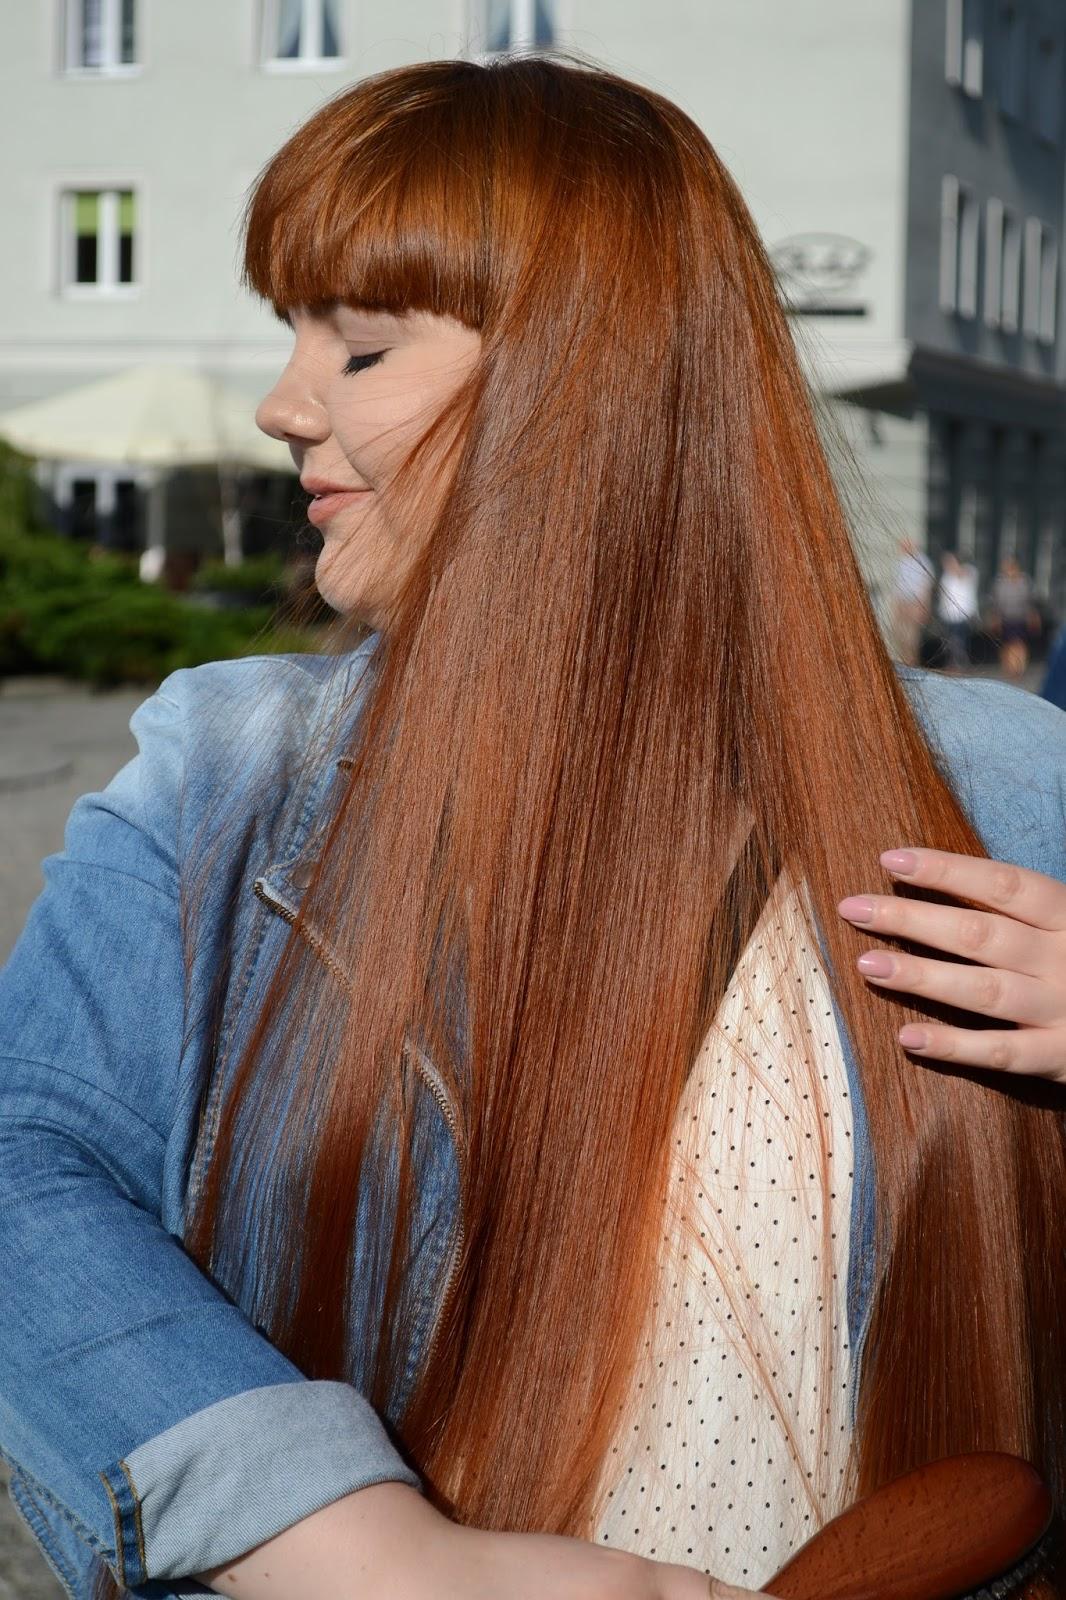 Jak uzyskać efekt tafli włosów bez prostownicy - sprawdzone sposoby